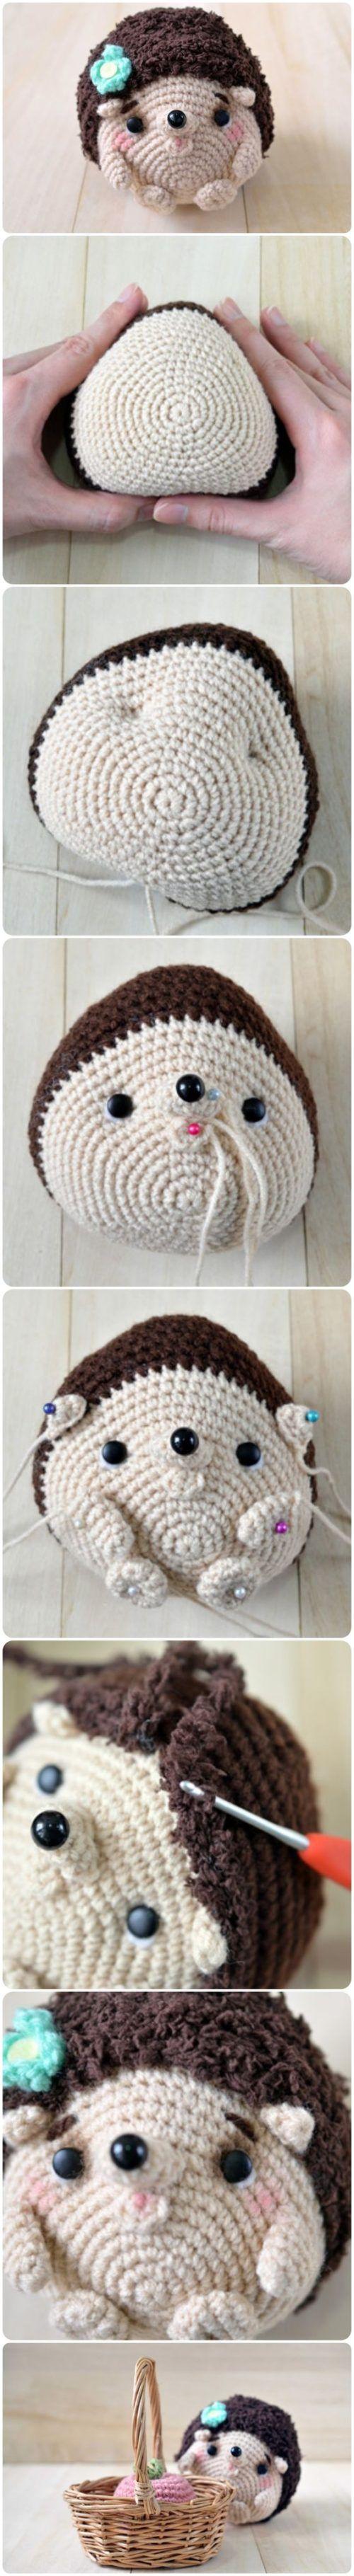 Baby Hedgehog Amigurumi.